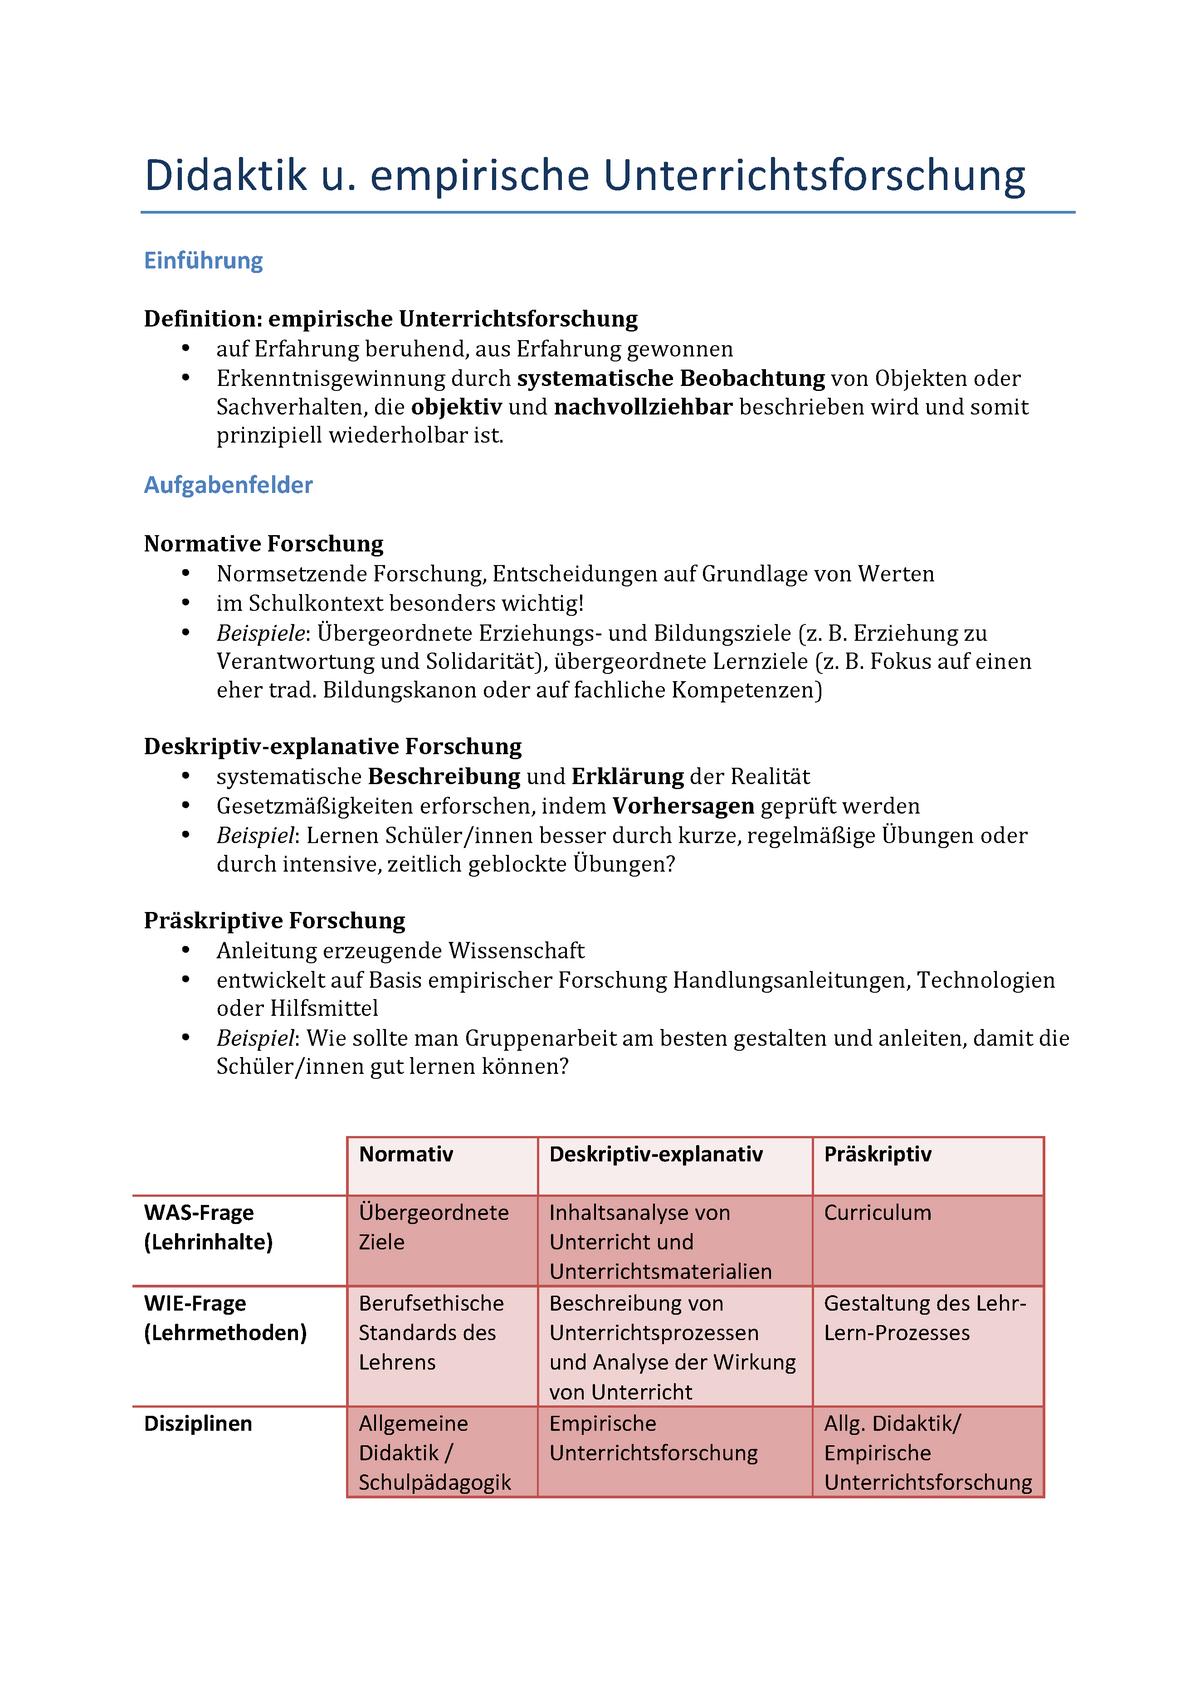 Zusammenfassung Didaktik Und Empirische Unterrichtsforschung Studocu